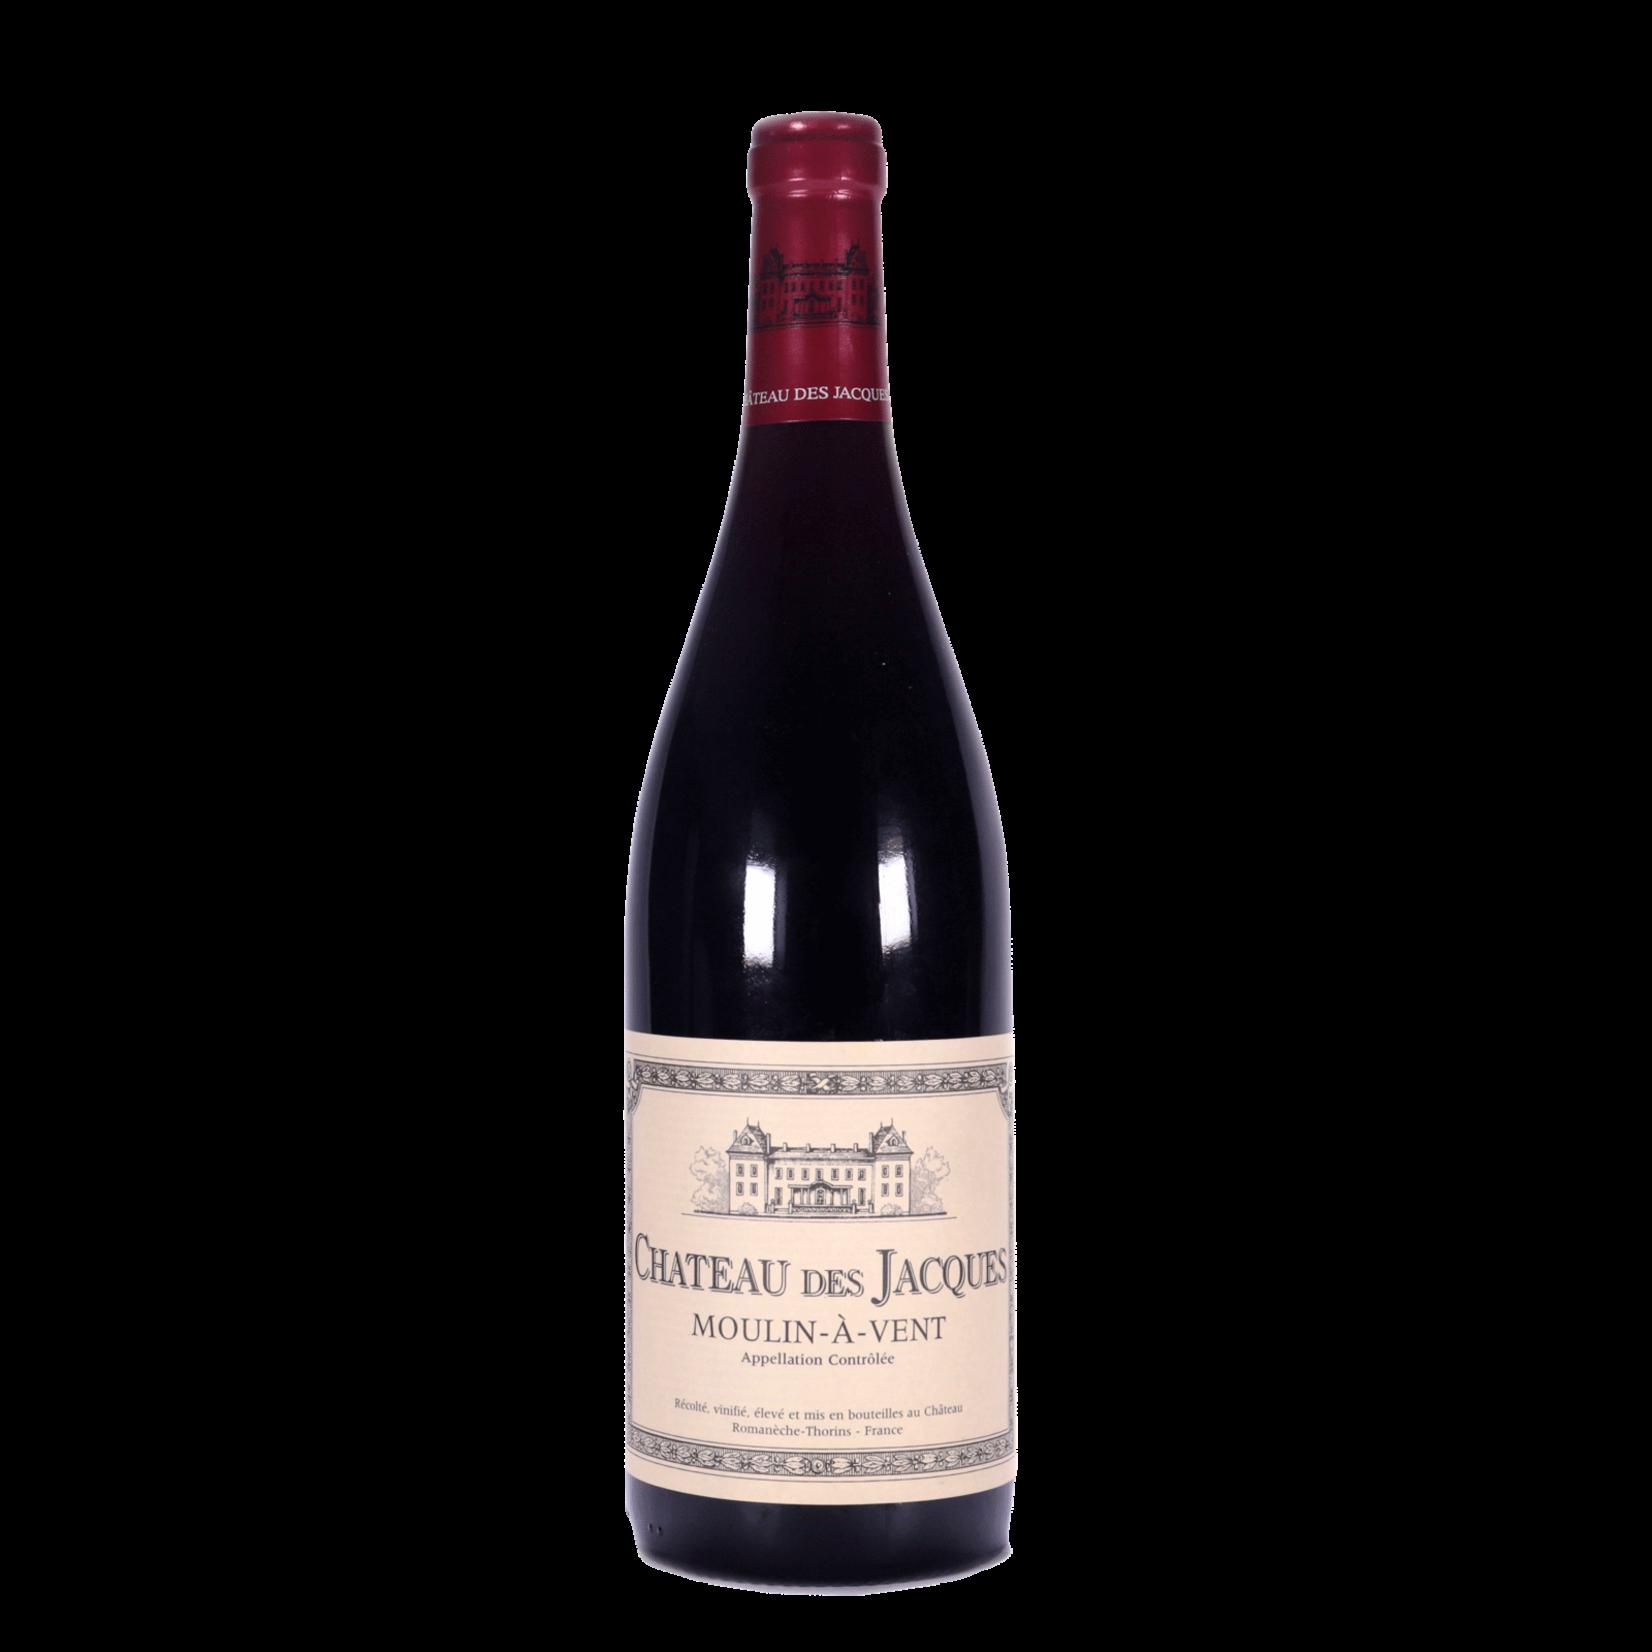 Wine Chateau des Jacques Moulin a Vent Clos de Rochegres 2016